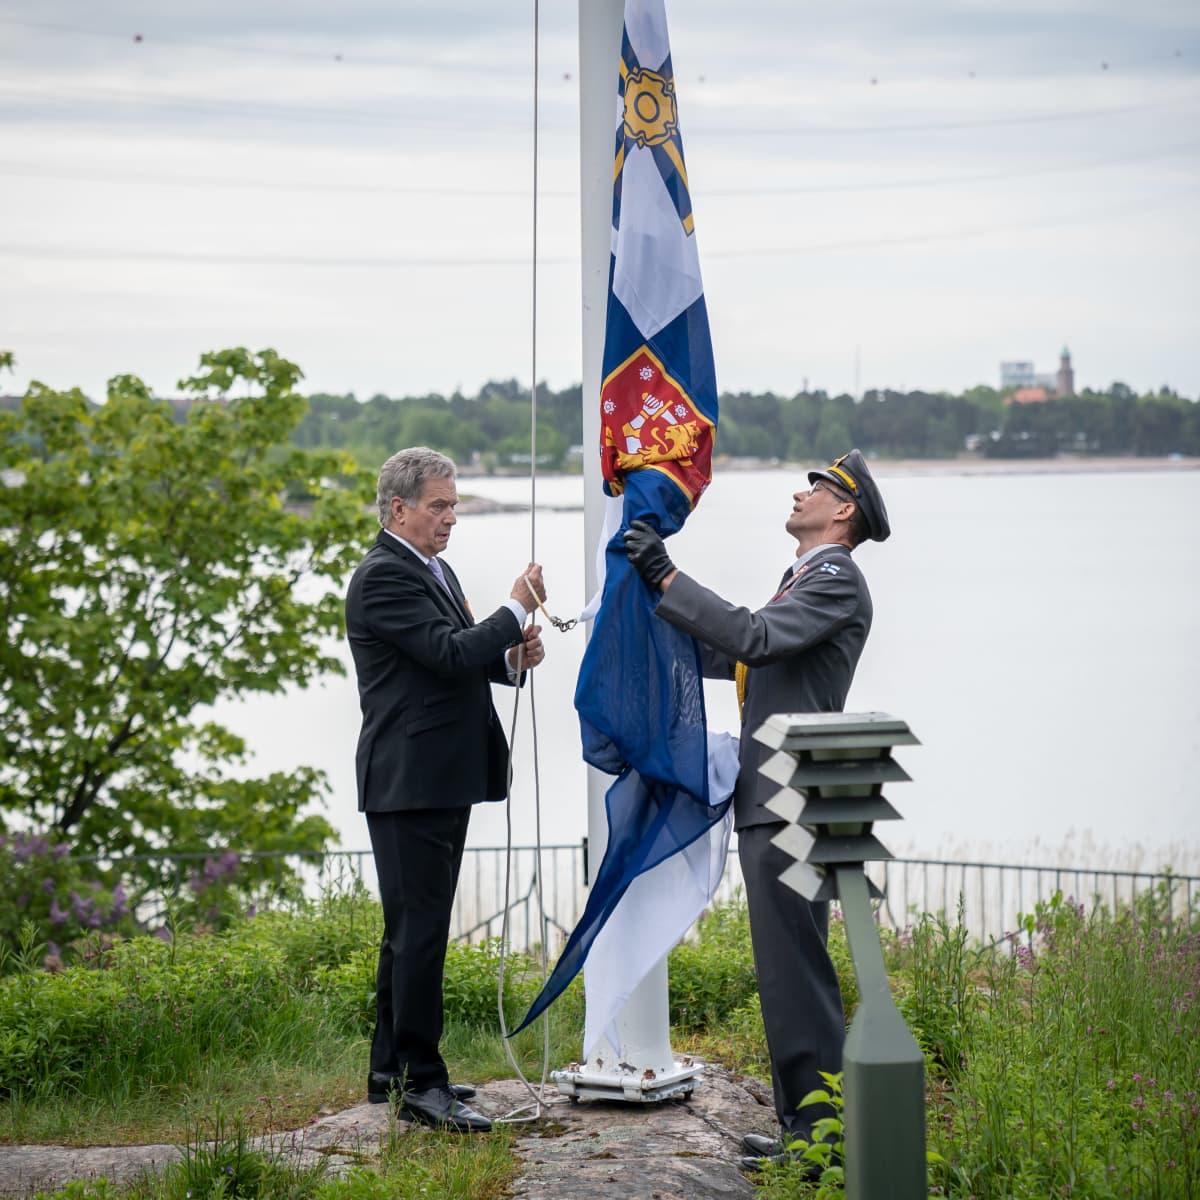 Presidentti Sauli Niinistö lipunnostossa, Mäntyniemi, 4.6.2020.